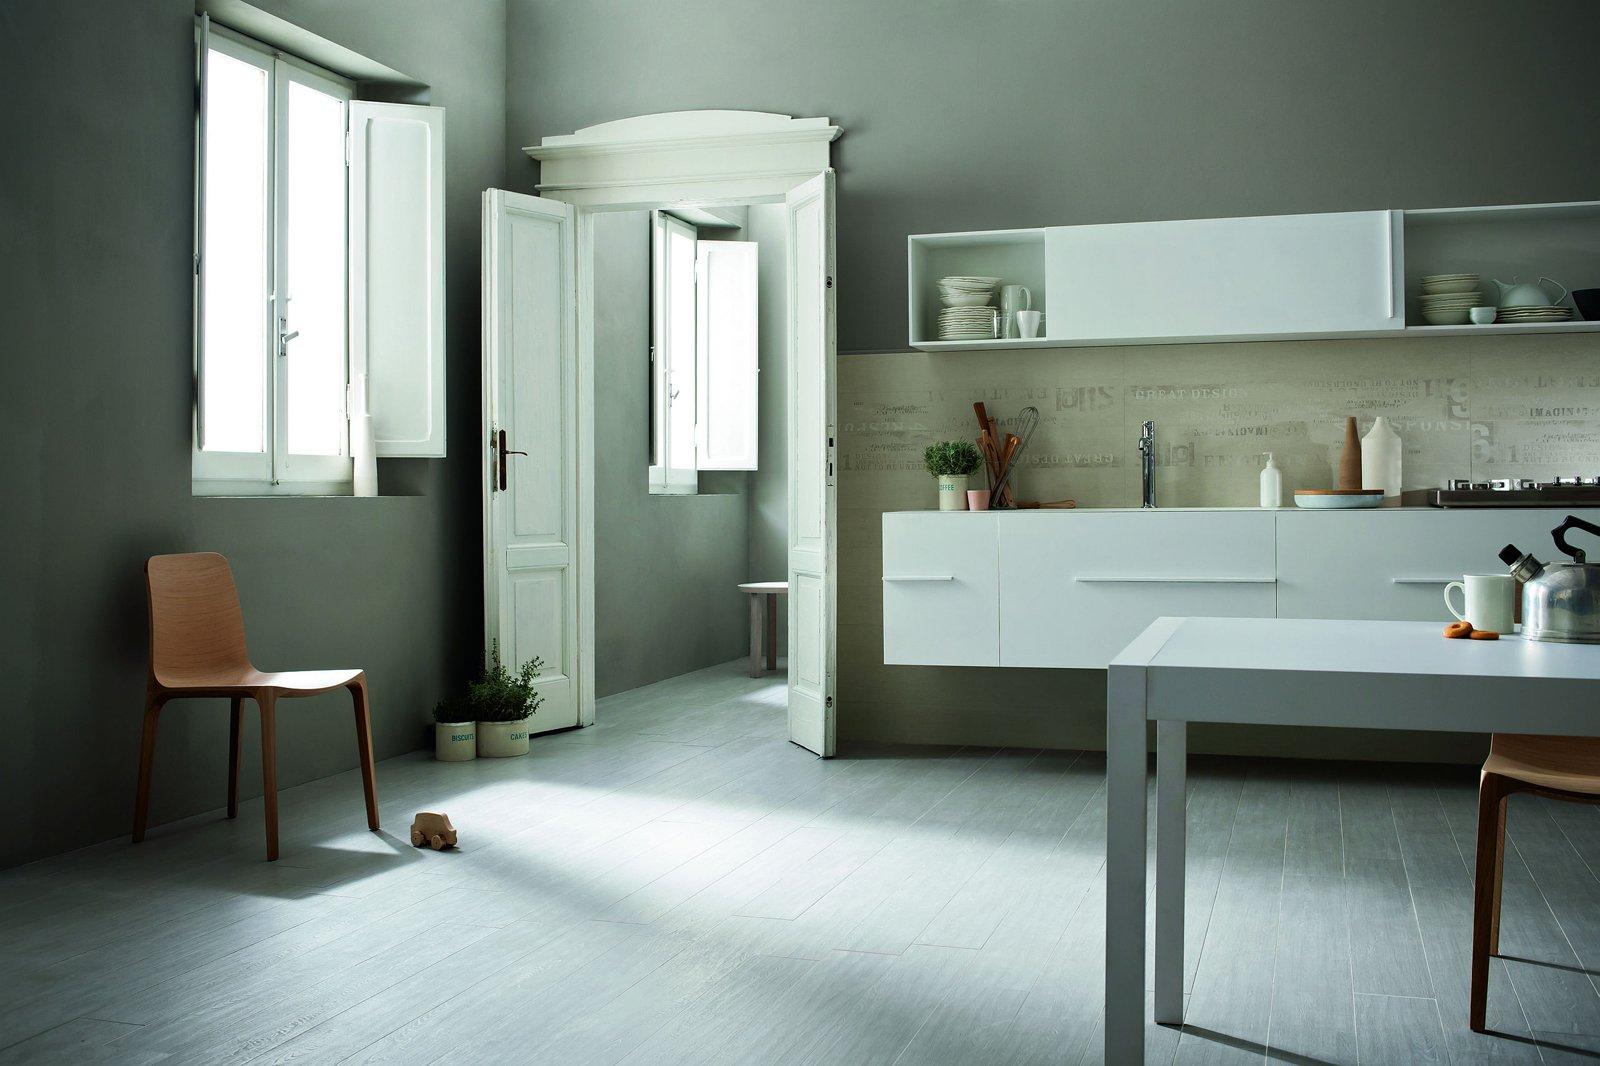 Piastrelle per il pavimento della cucina cose di casa - Marazzi rivestimenti cucina ...